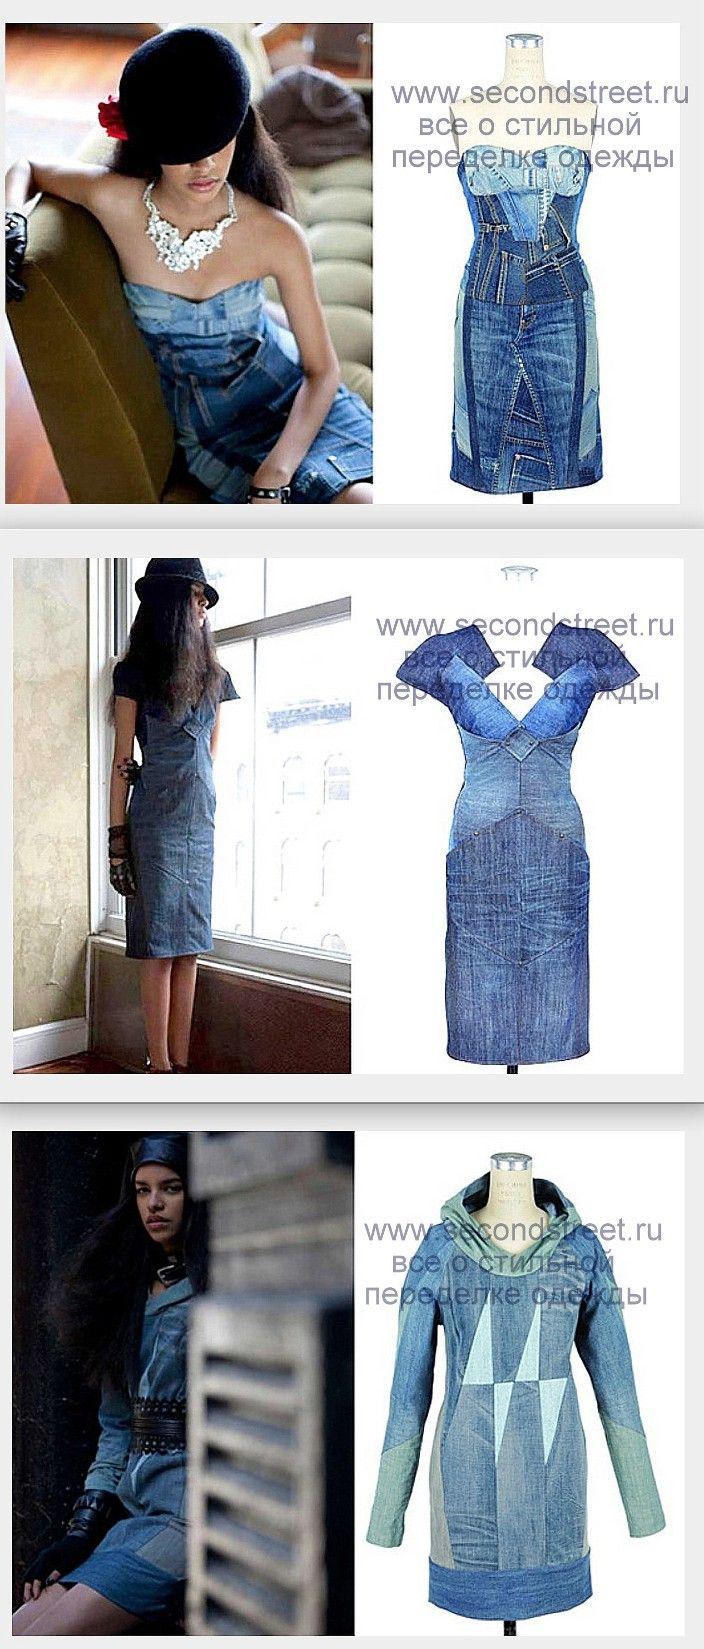 Как переделать платье если оно мало своими руками фото